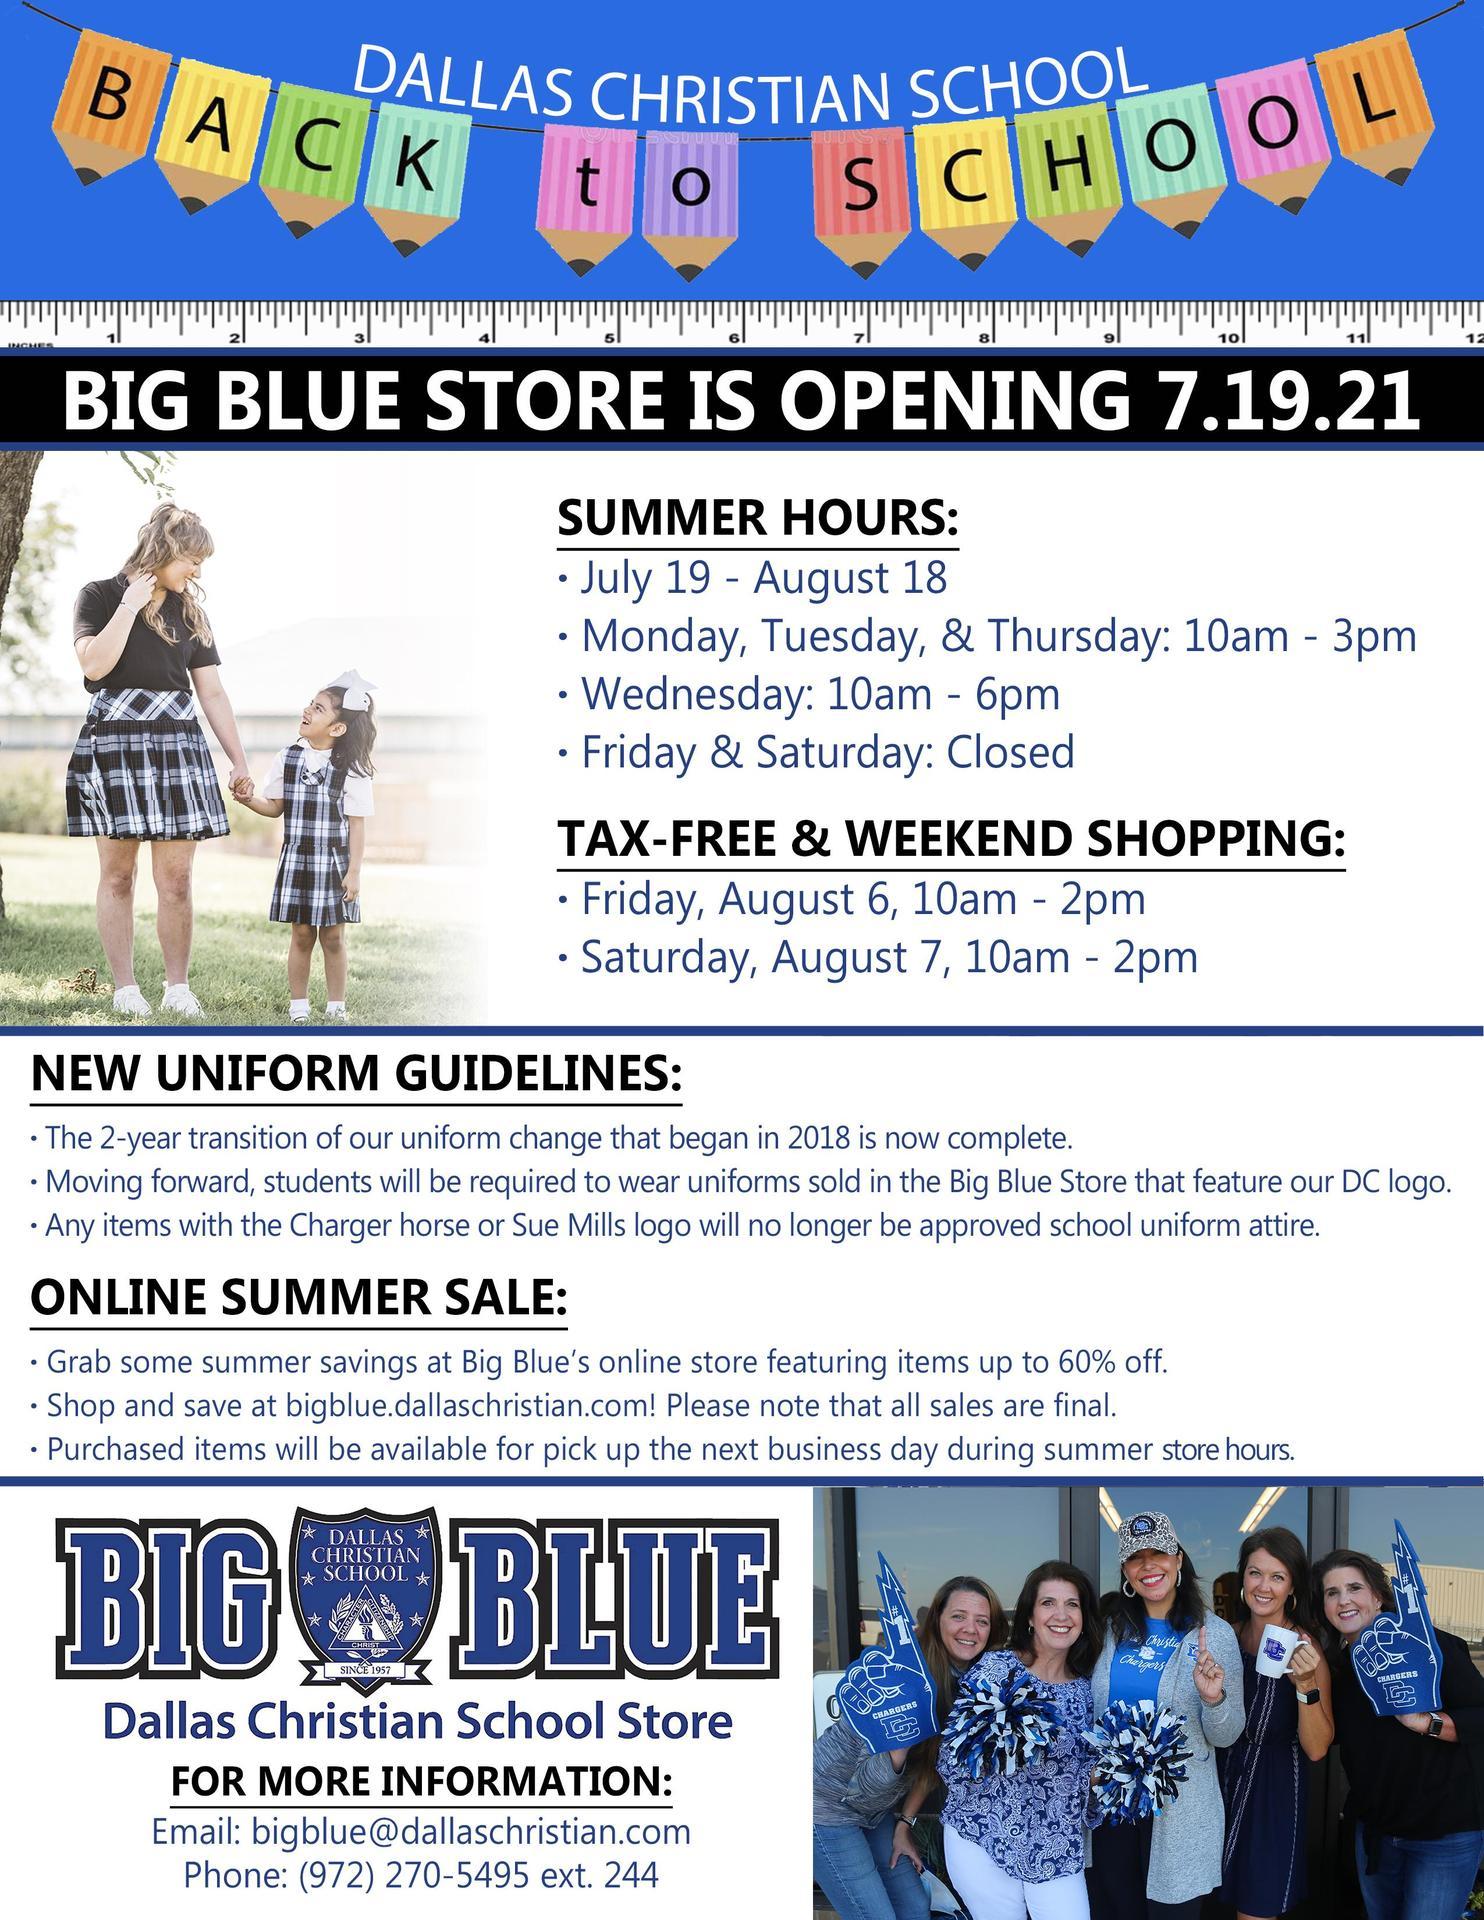 Big Blue Summer Hours